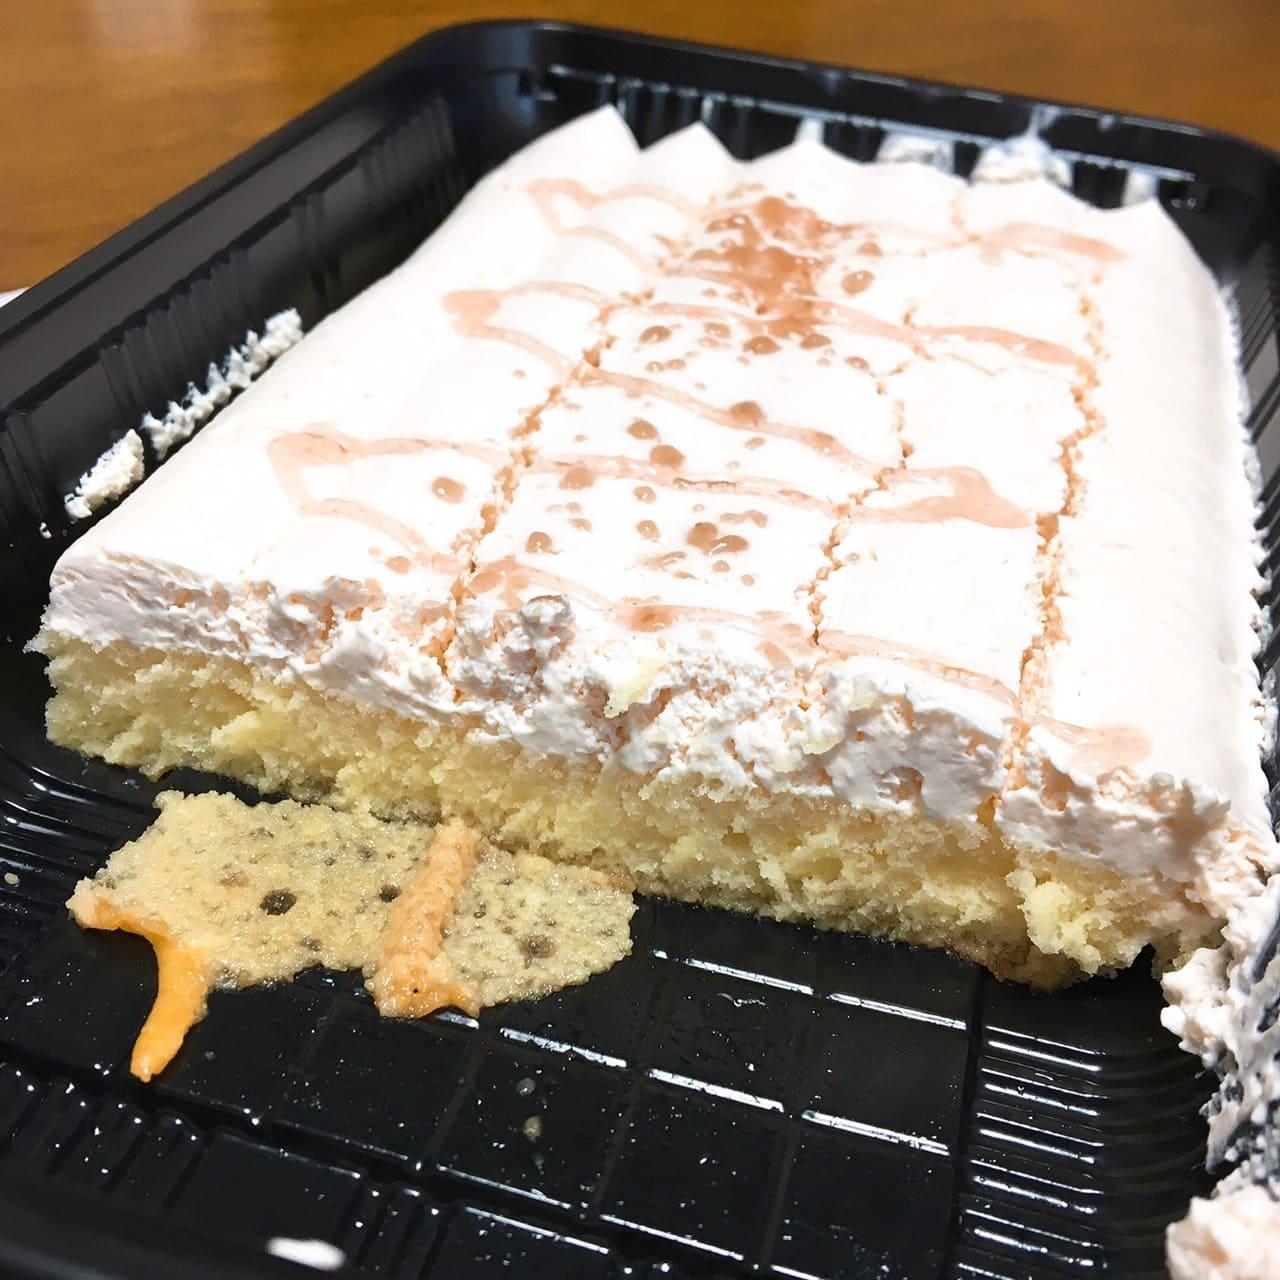 オランジェ ストロベリーケーキ断面